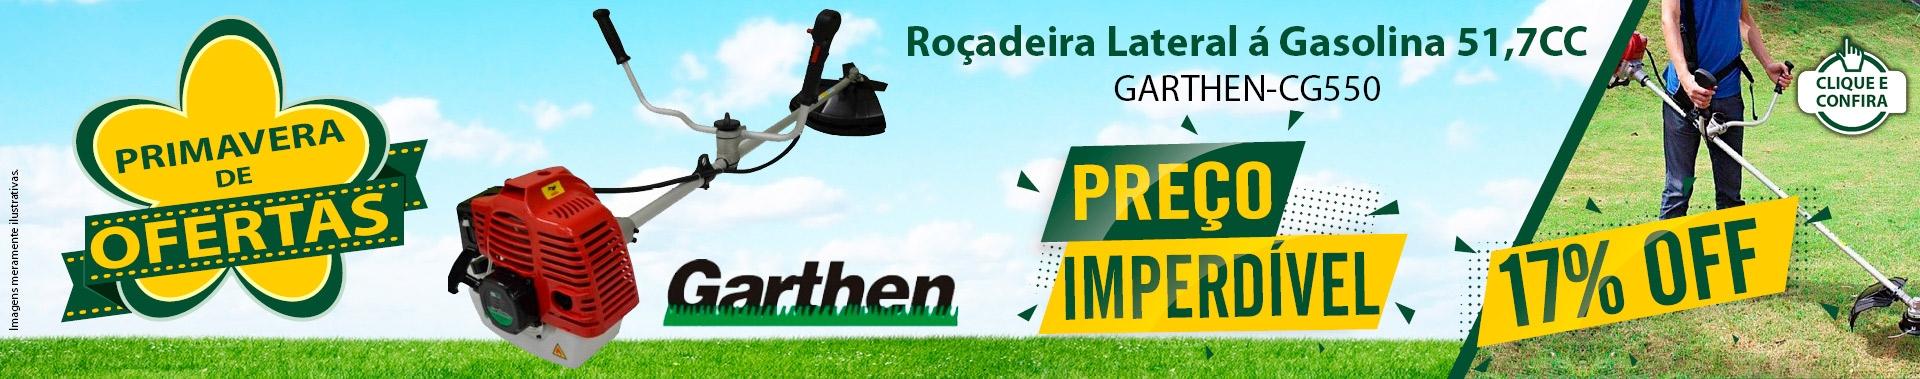 Super Oferta: Roçadeira Lateral á Gasolina 51,7CC GARTHEN- CG550 17% OFF